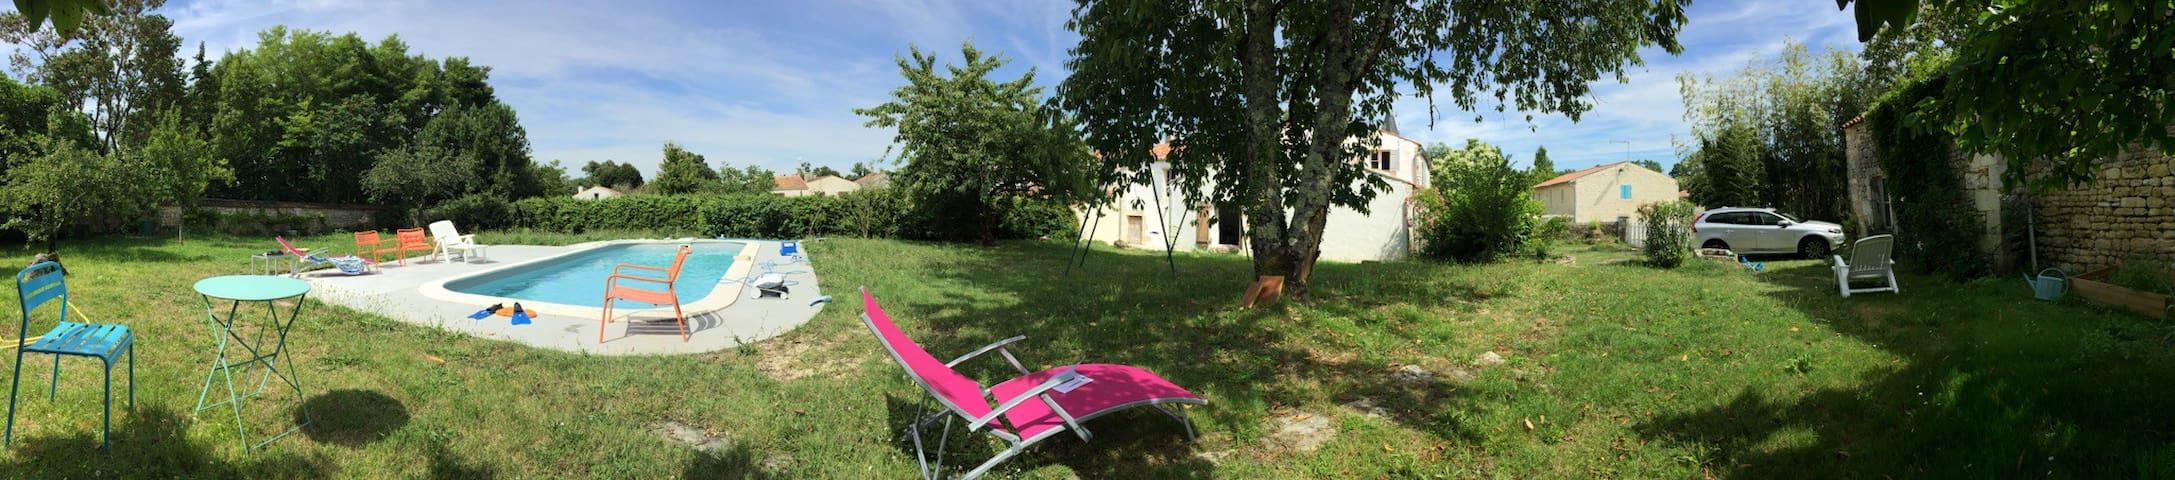 Maison spacieuse et agréable tout confort - Port-d'Envaux - Hus